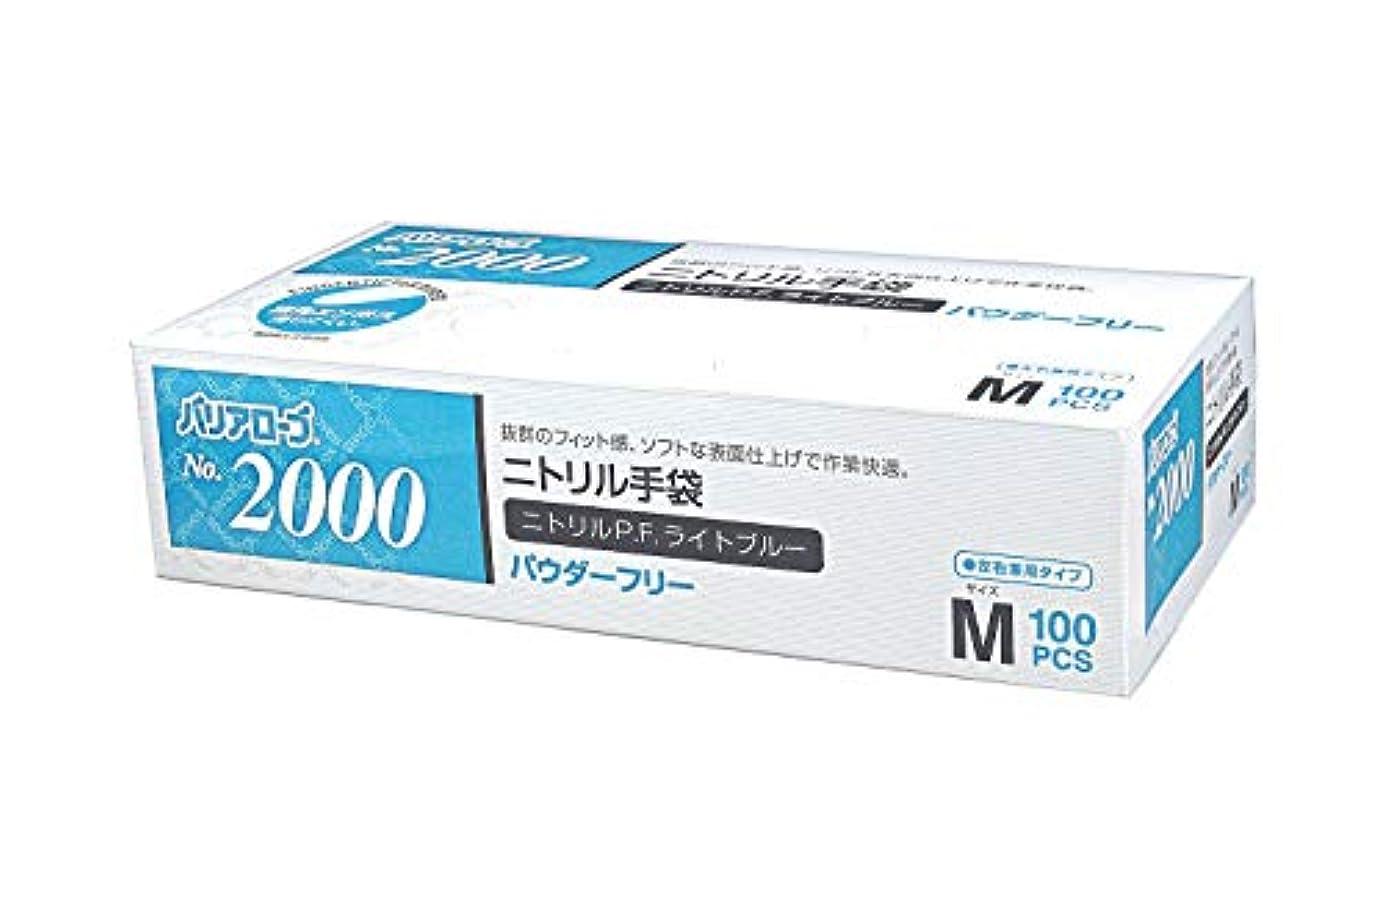 曲泥十億【ケース販売】 バリアローブ №2000 ニトリルP.F.ライト ブルー (パウダーフリー) M 2000枚(100枚×20箱)